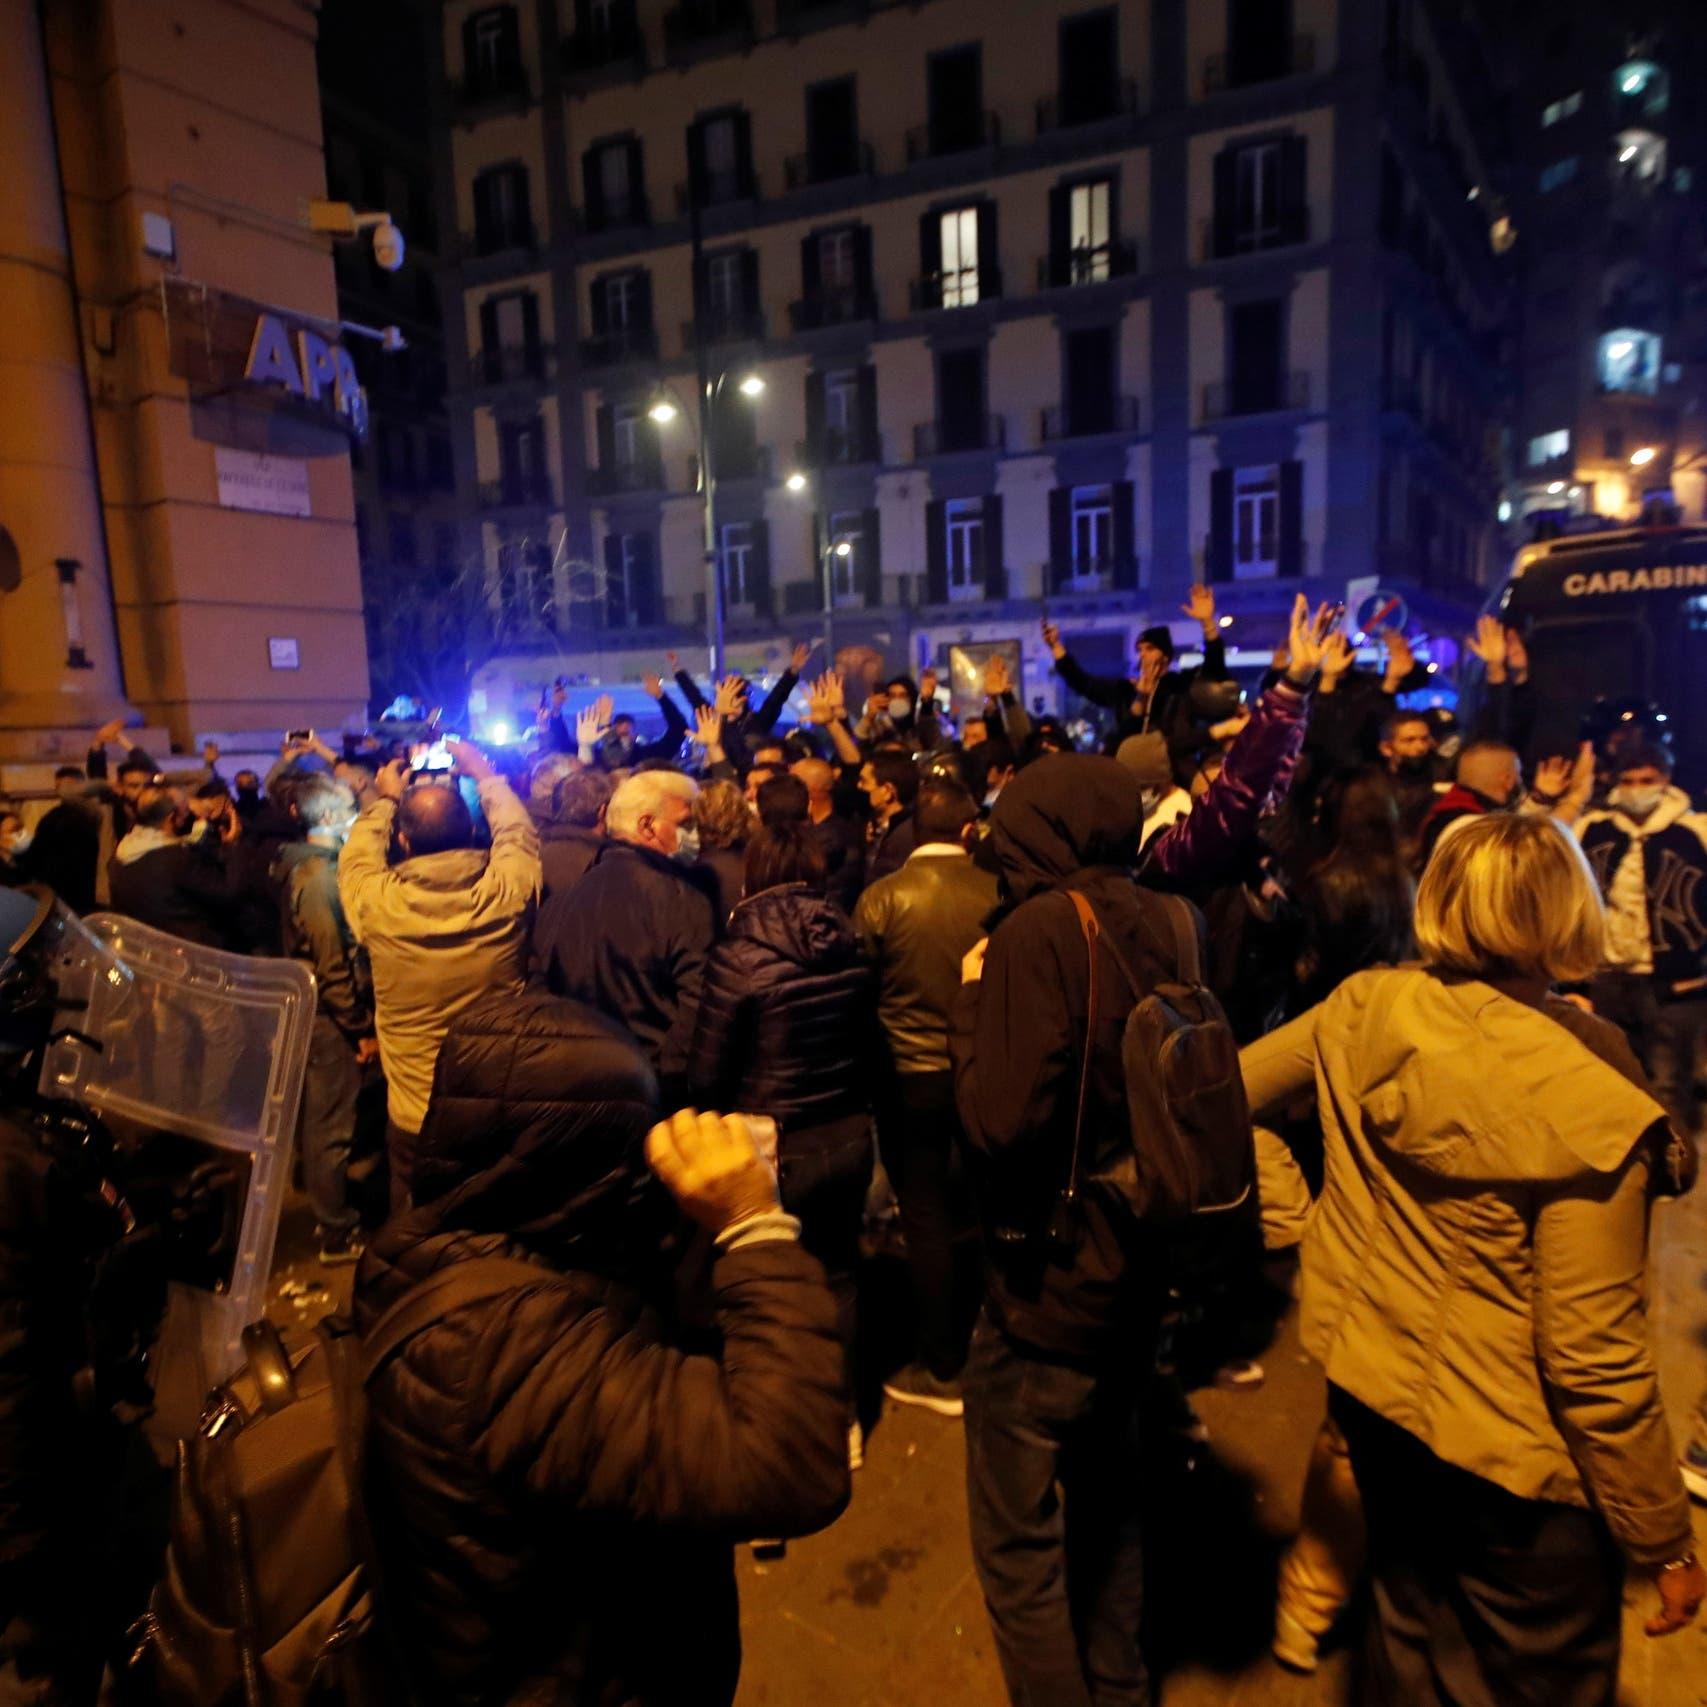 رقم قياسي لإصابات كورونا بإيطاليا.. واحتجاجات بسبب الحظر